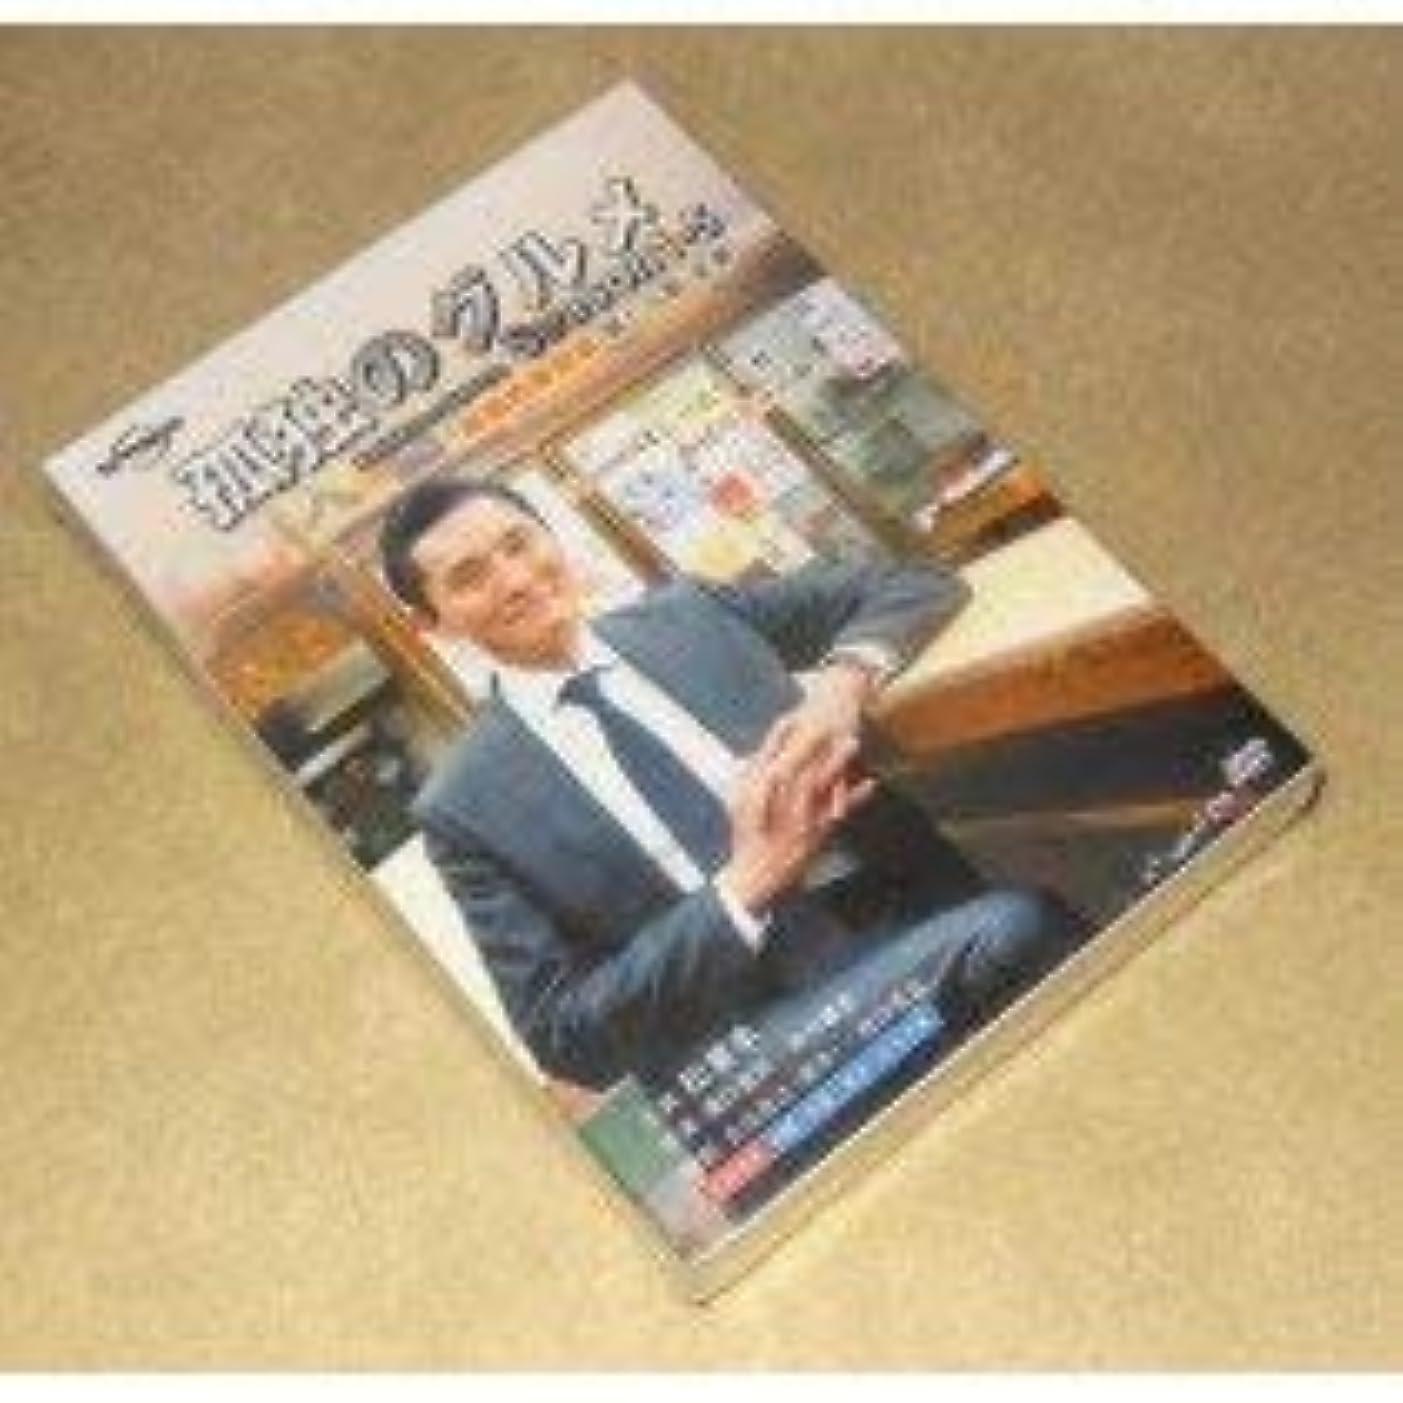 ルートウェブ立場孤独のグルメ Season5 DVD BOX 1+2+3+4+5 全集 15枚組